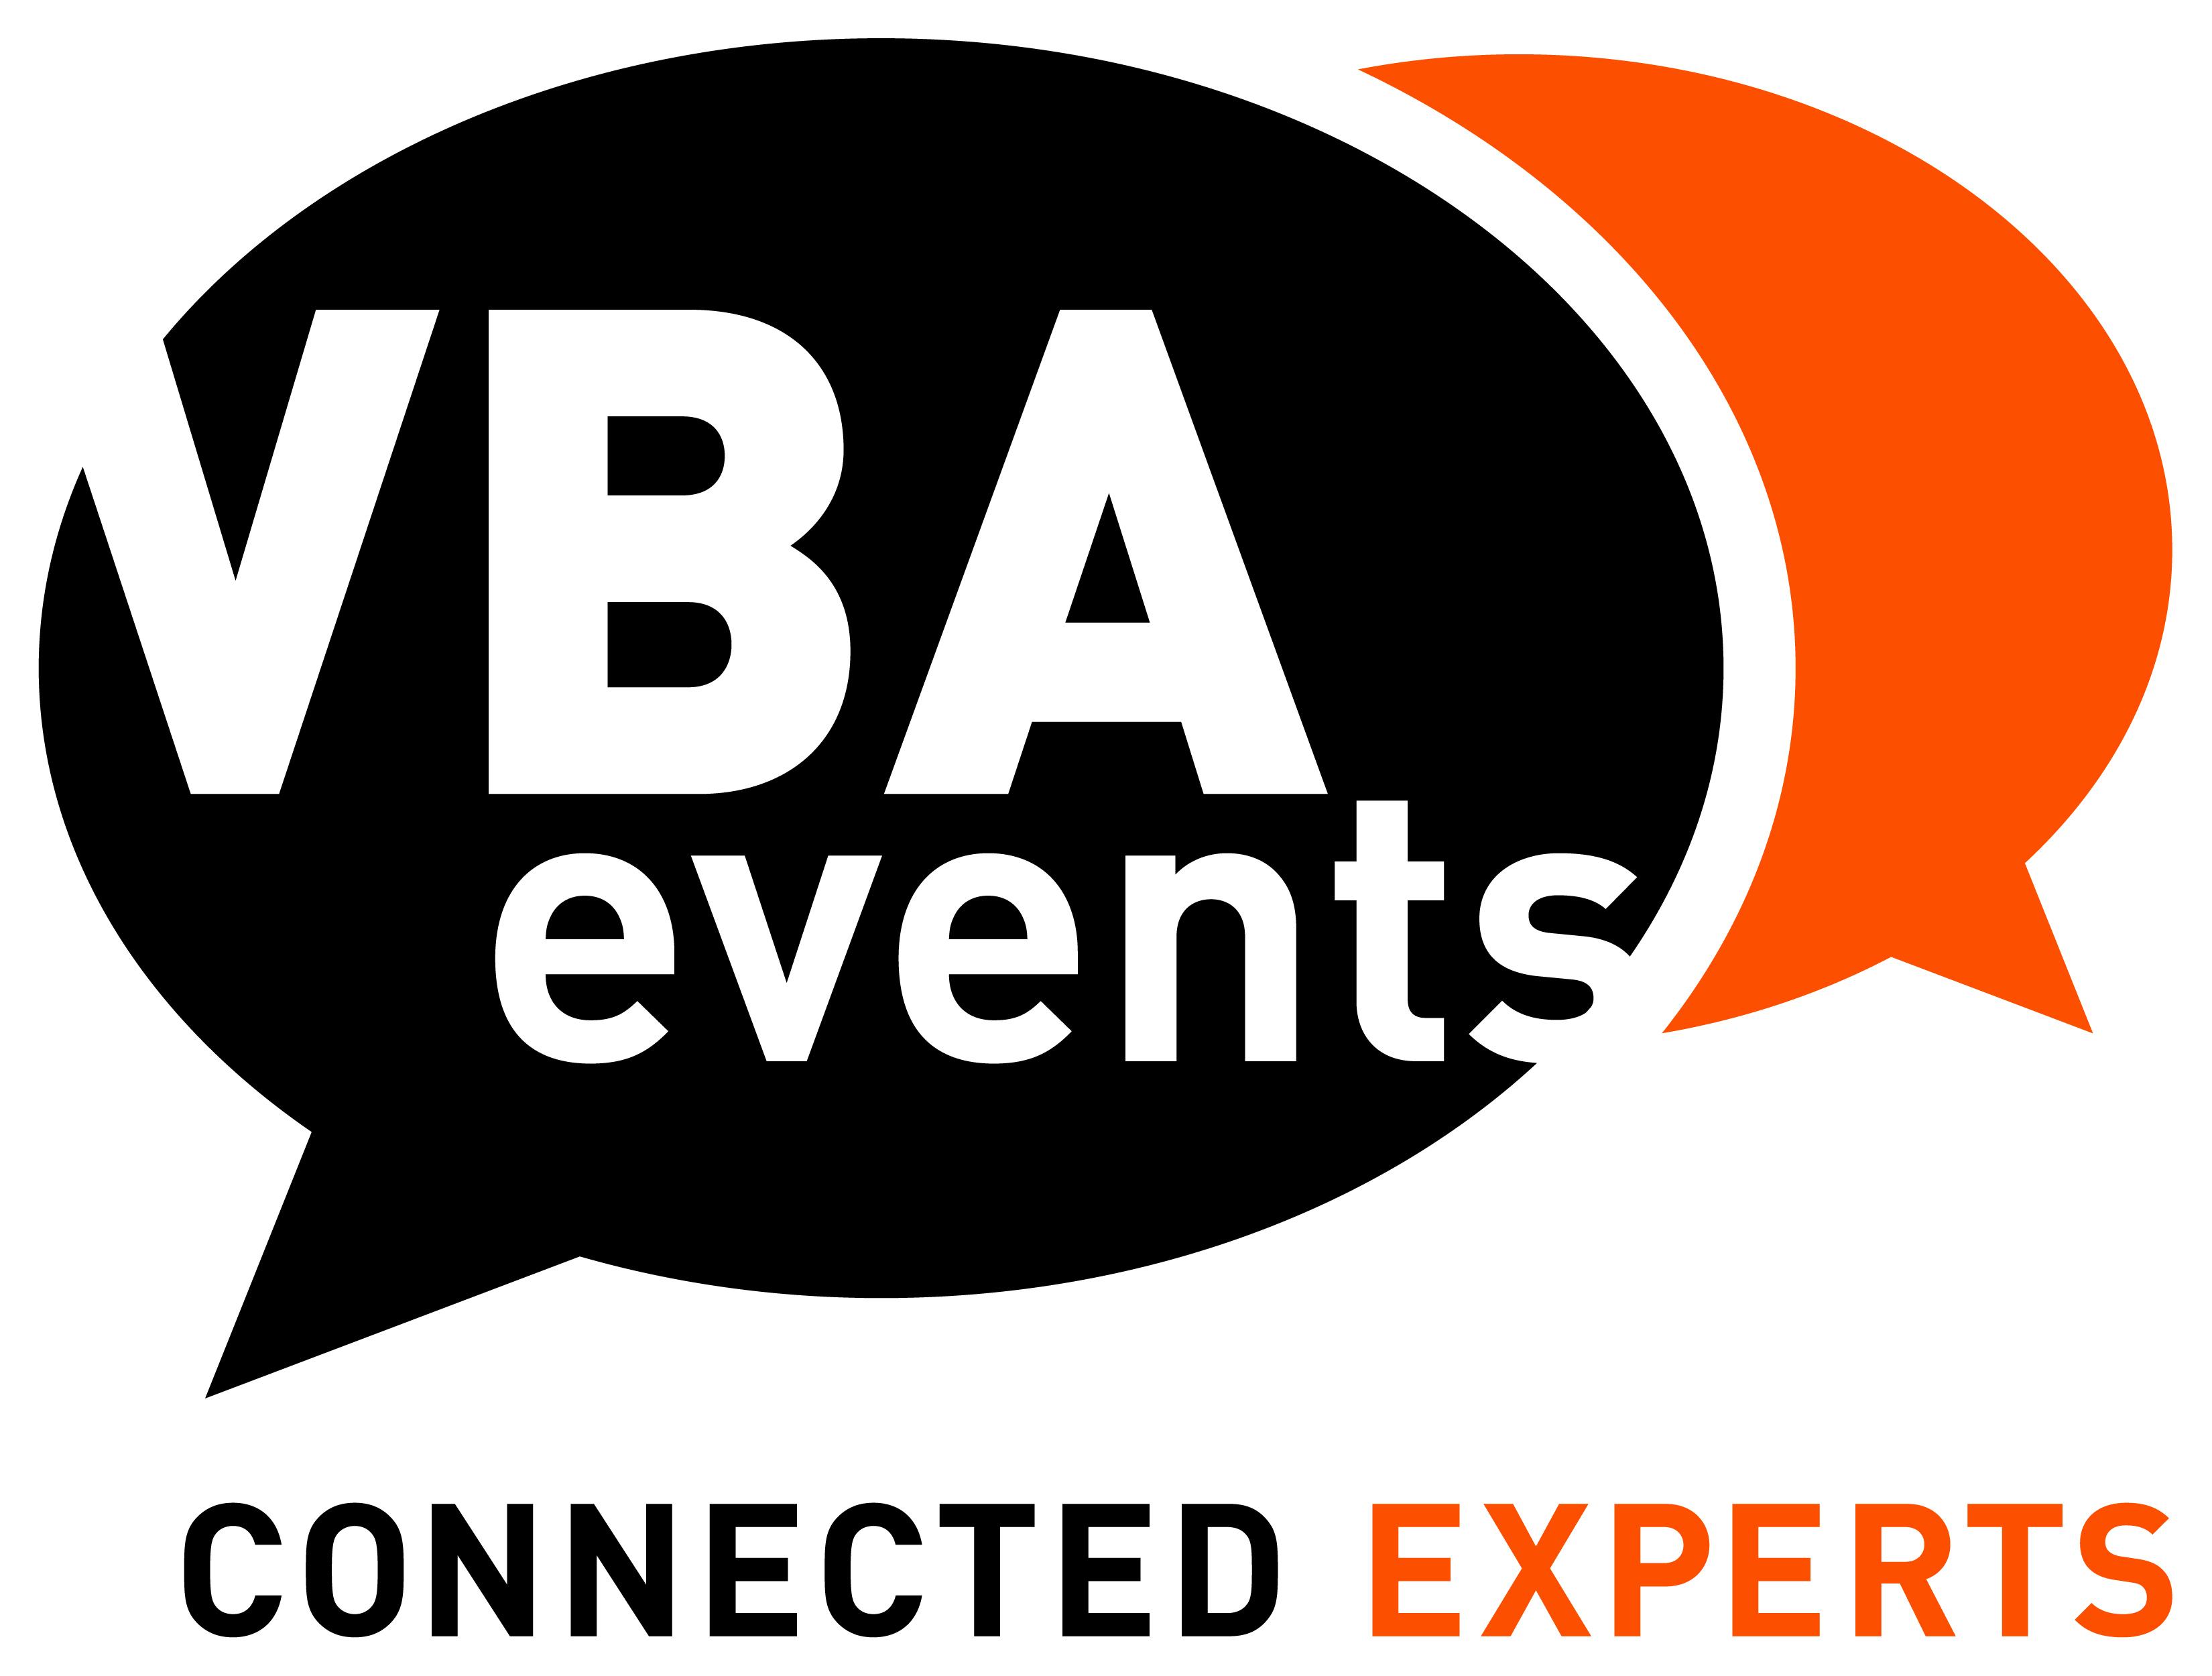 VBA events